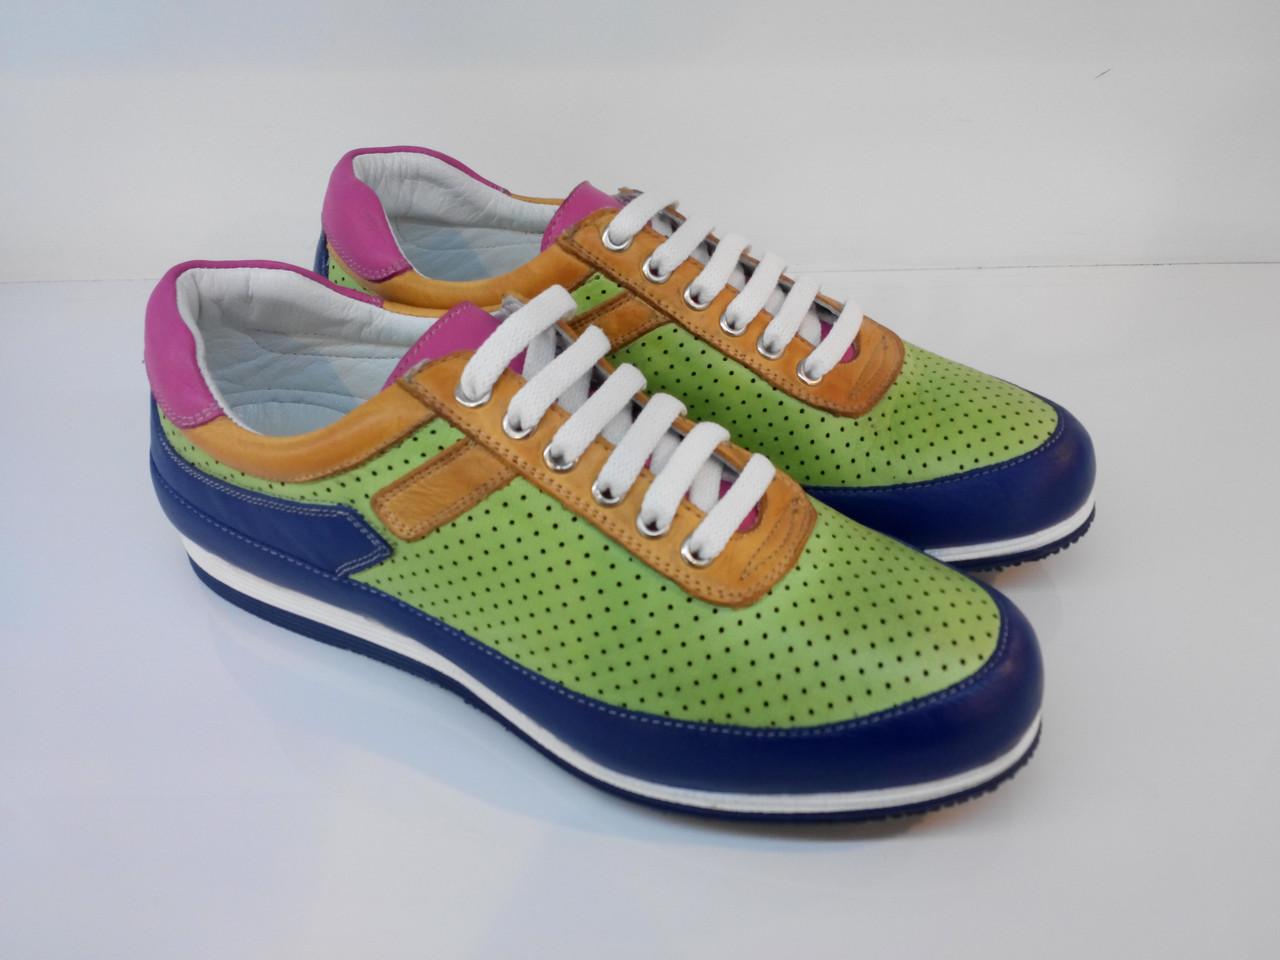 Кроссовки Etor 5721-8044-14753 разноцветные